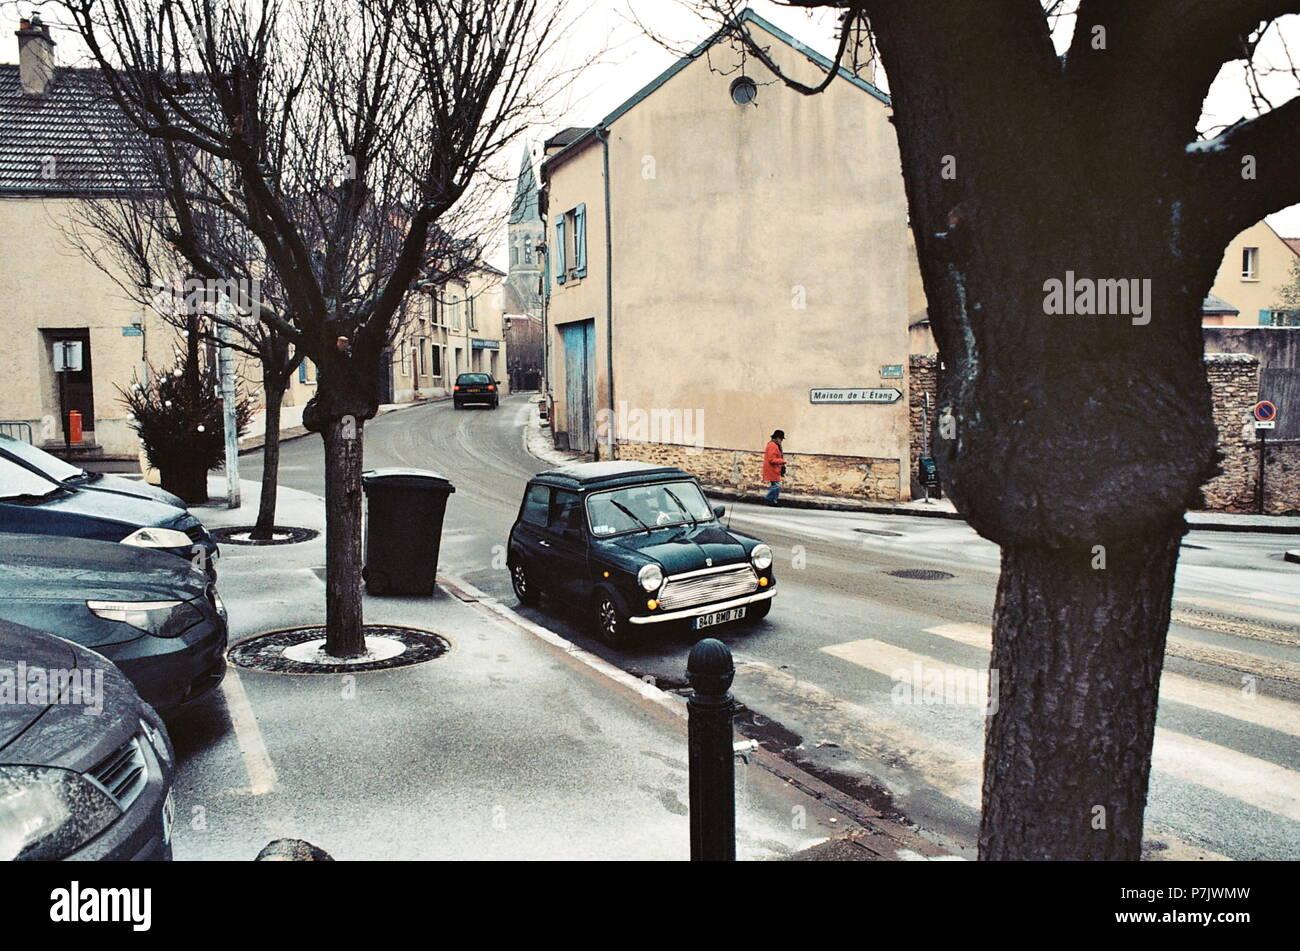 AJAXNETPHOTO. LOUVECIENNES, FRANCE. - Place du marché - REGARD SUR L'ÉGLISE; lieu fréquenté par des artistes du 19e siècle notamment Camille PISSARRO ET ALFRED SISLEY. PHOTO:JONATHAN EASTLAND/AJAX REF: CT2587 12__11A Banque D'Images